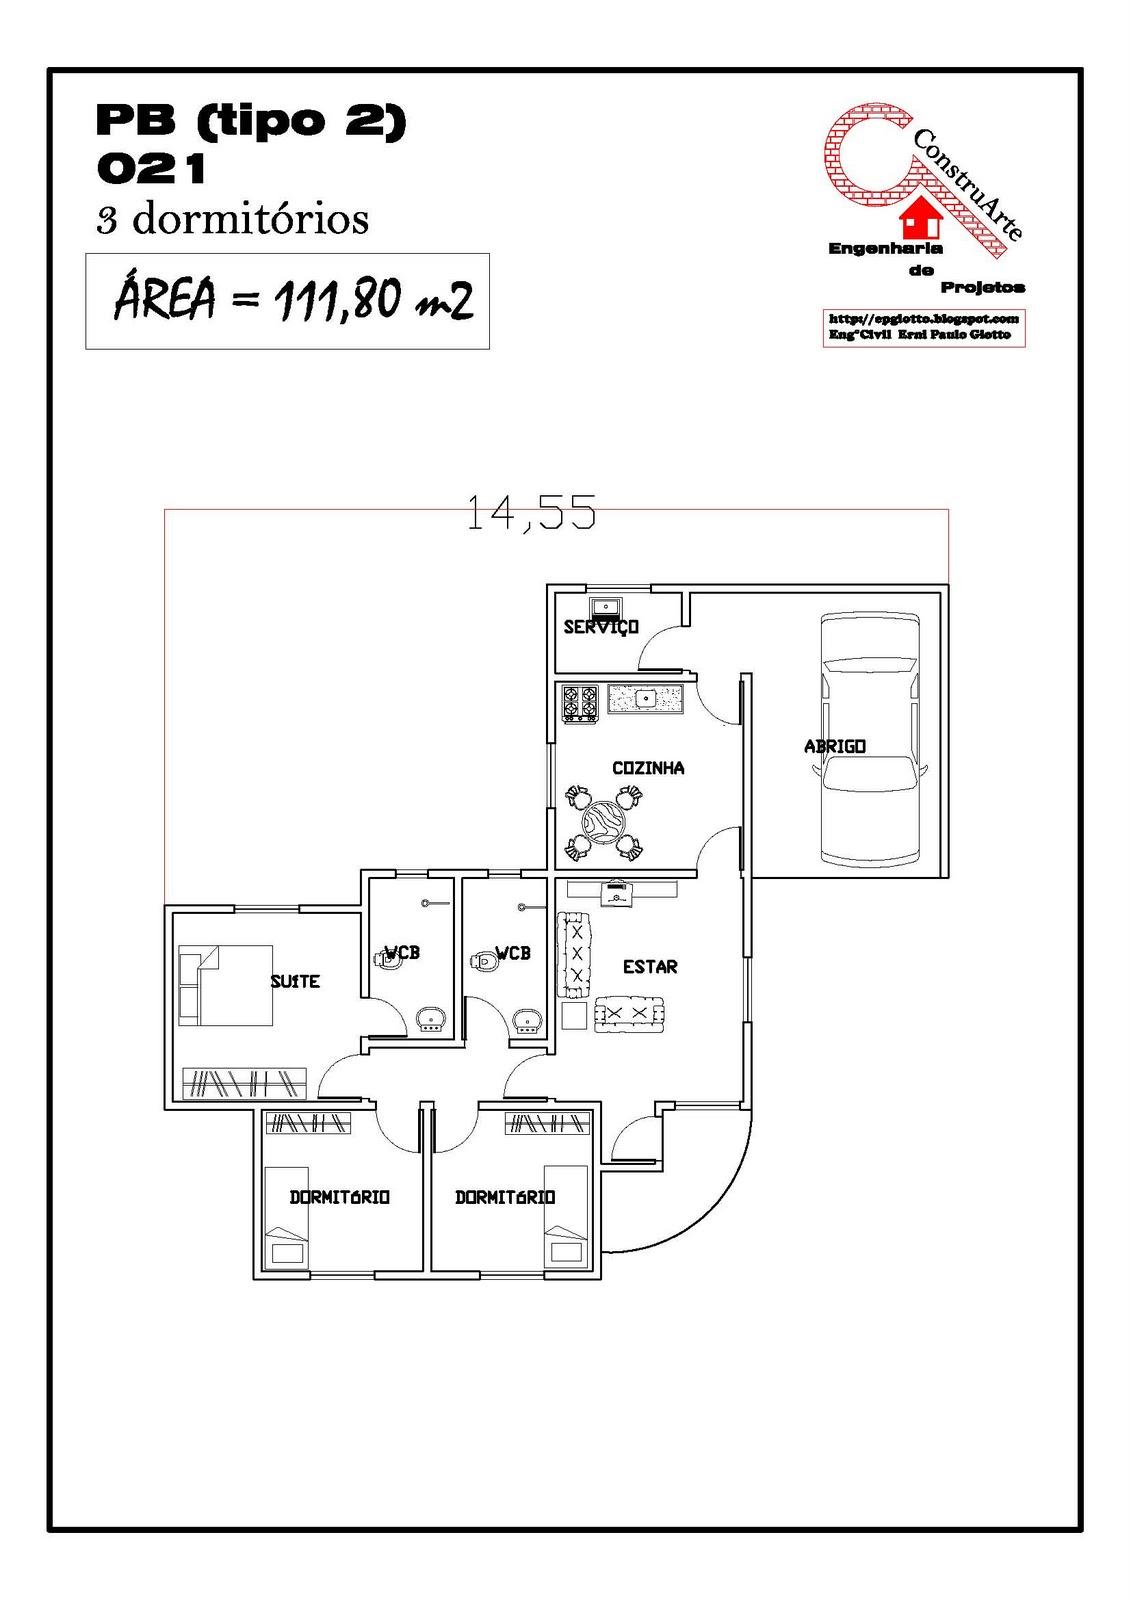 For ou Fazer CoisasProjetos Casas Projetos de Casas Projeto de 99m #C20909 1131 1600